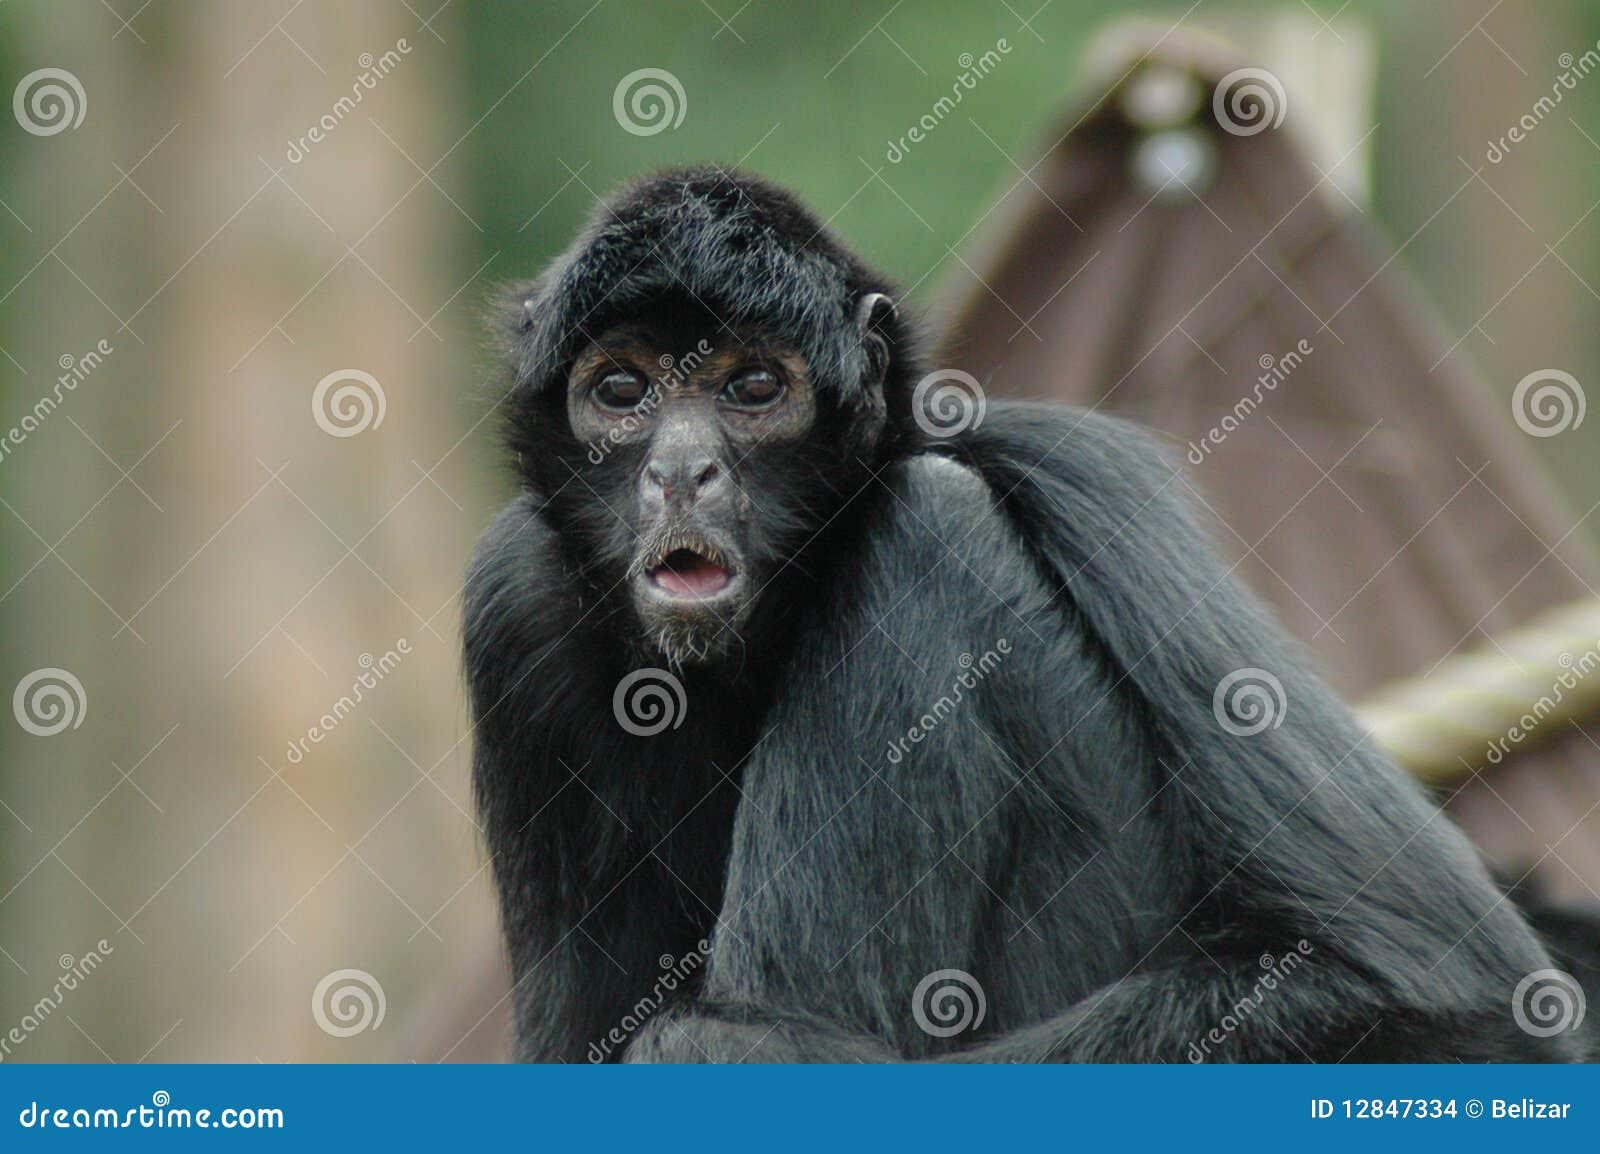 Spider monkey (Ateles fusciceps)